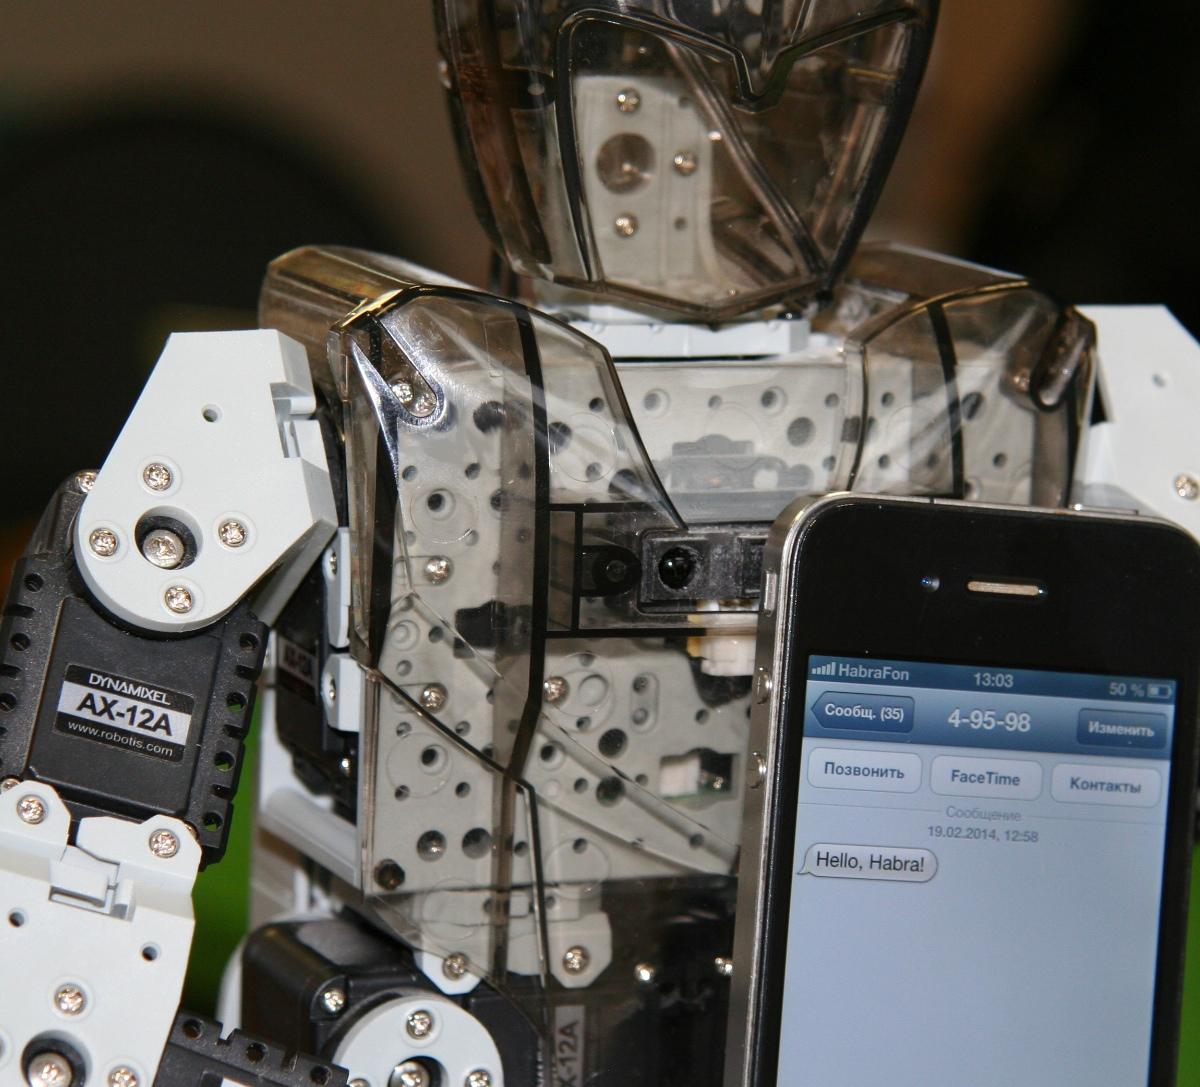 Робот получает смс 'Привет!'